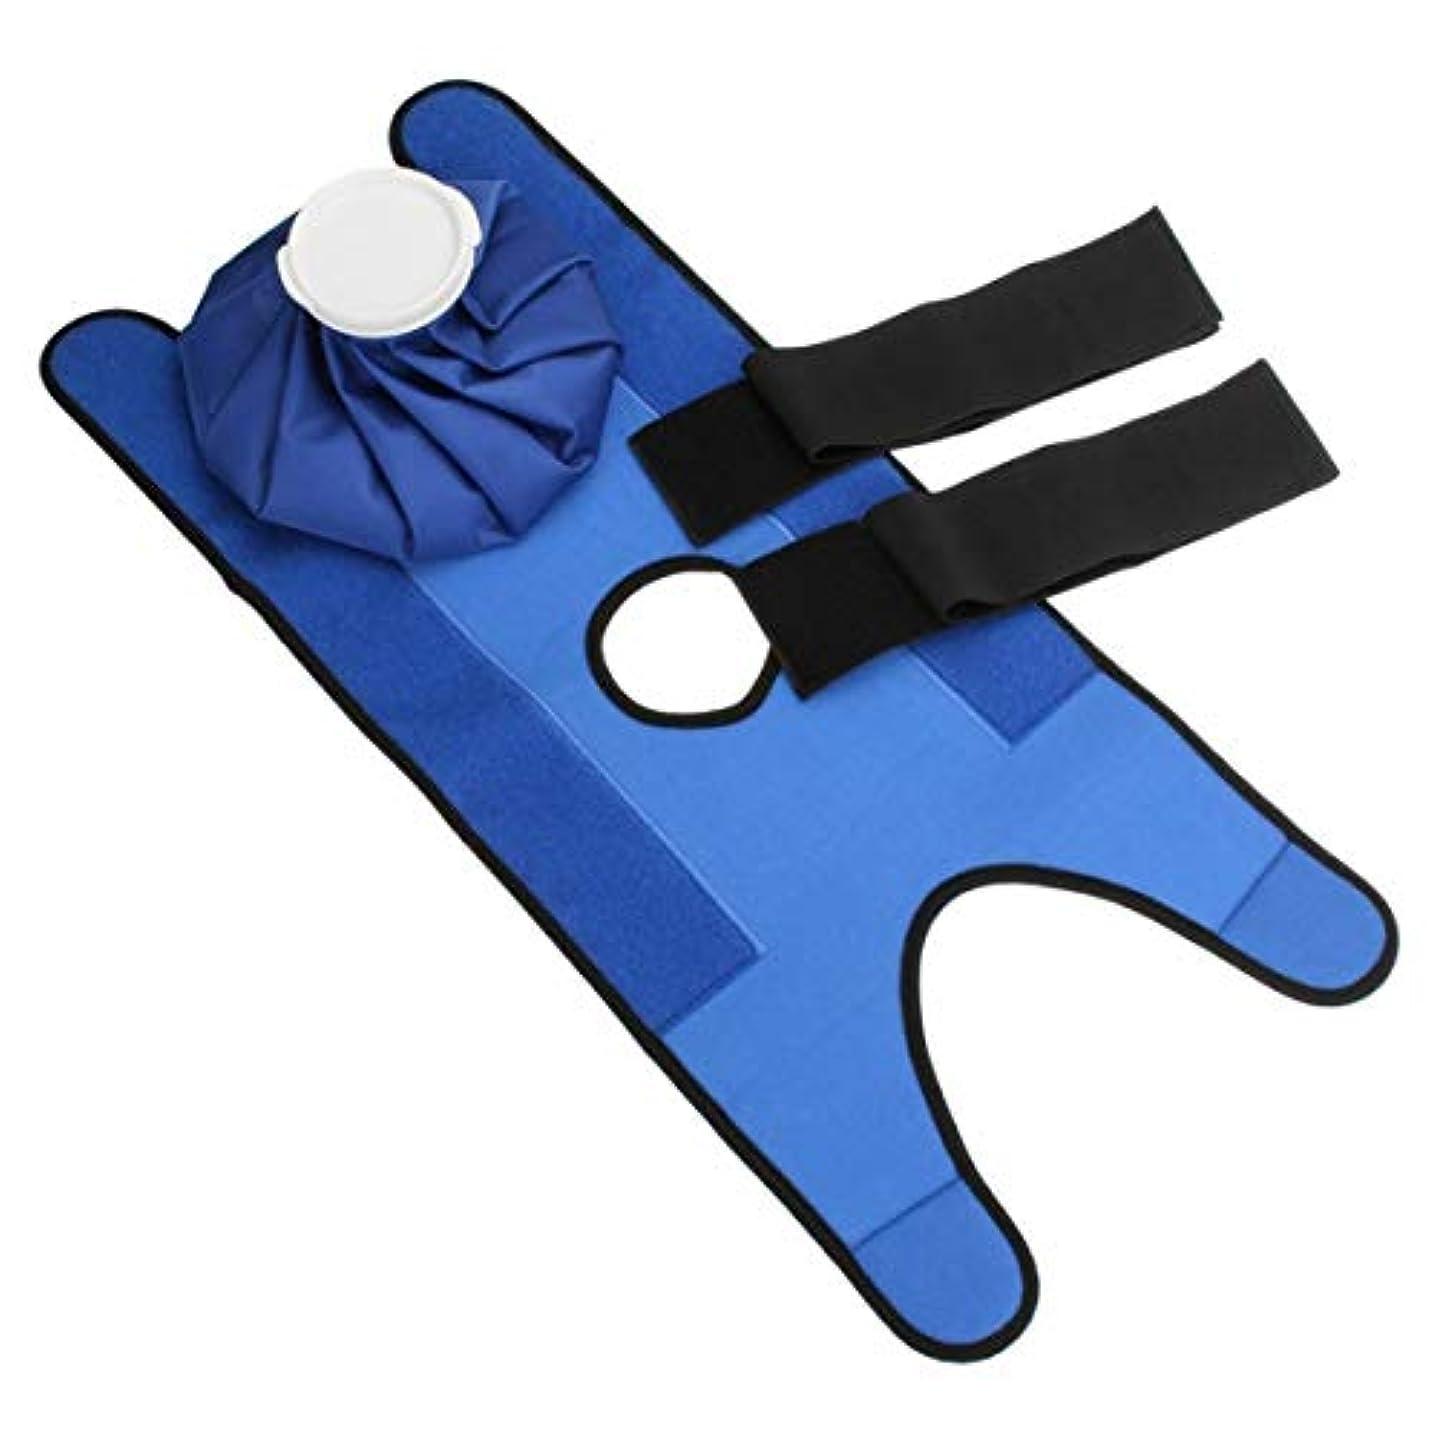 永遠の無秩序ポインタIntercoreyコンパクトサイズ再利用可能ヘルスケア膝頭脚筋肉スポーツ傷害救済痛みアイスバッグ無毒アイスパック包帯付き